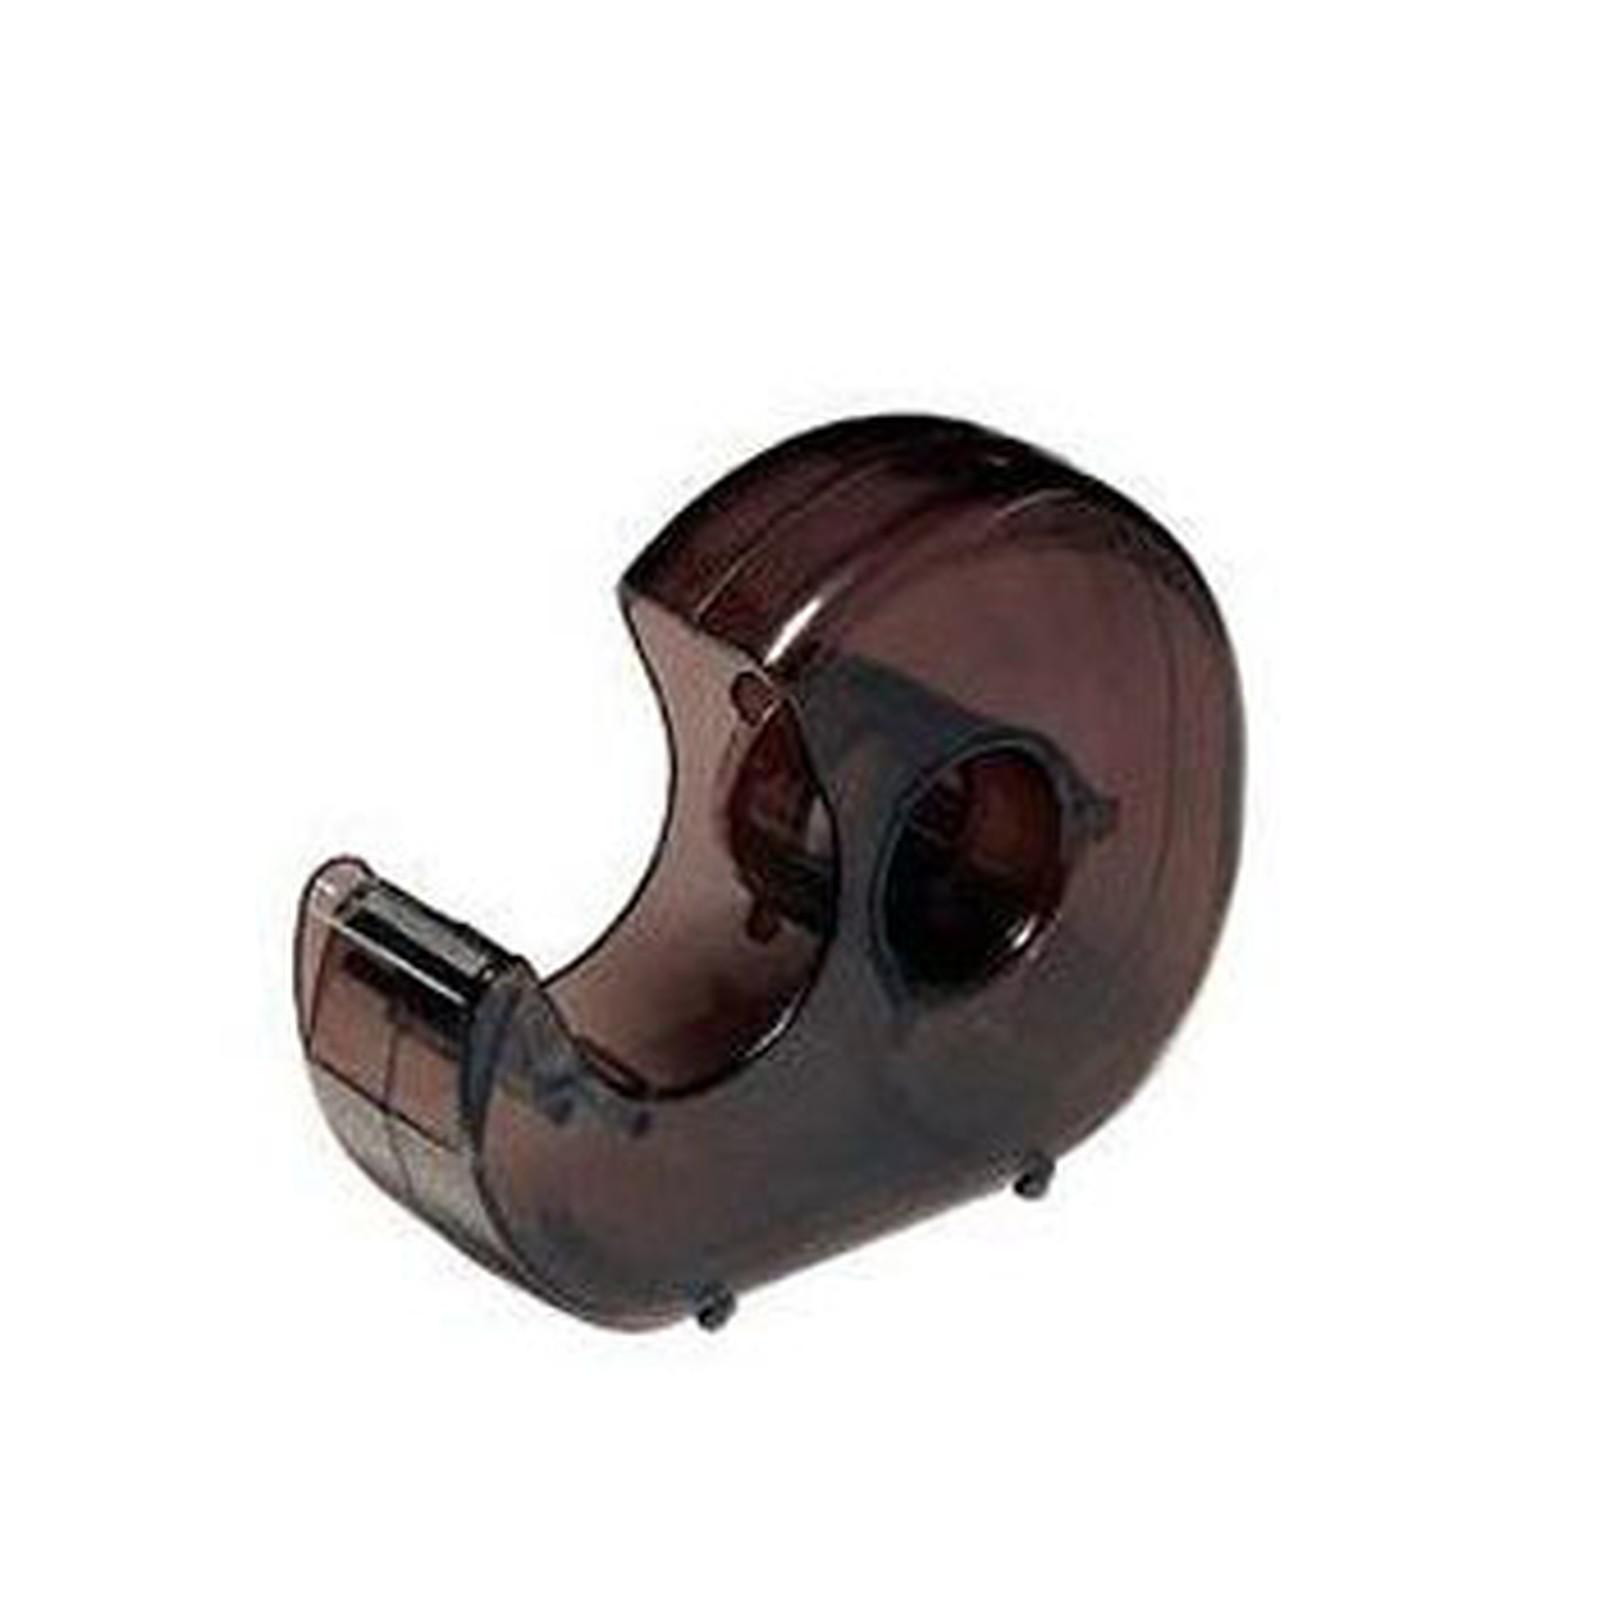 Devidoir escargot pour ruban 19 mm x 33 m